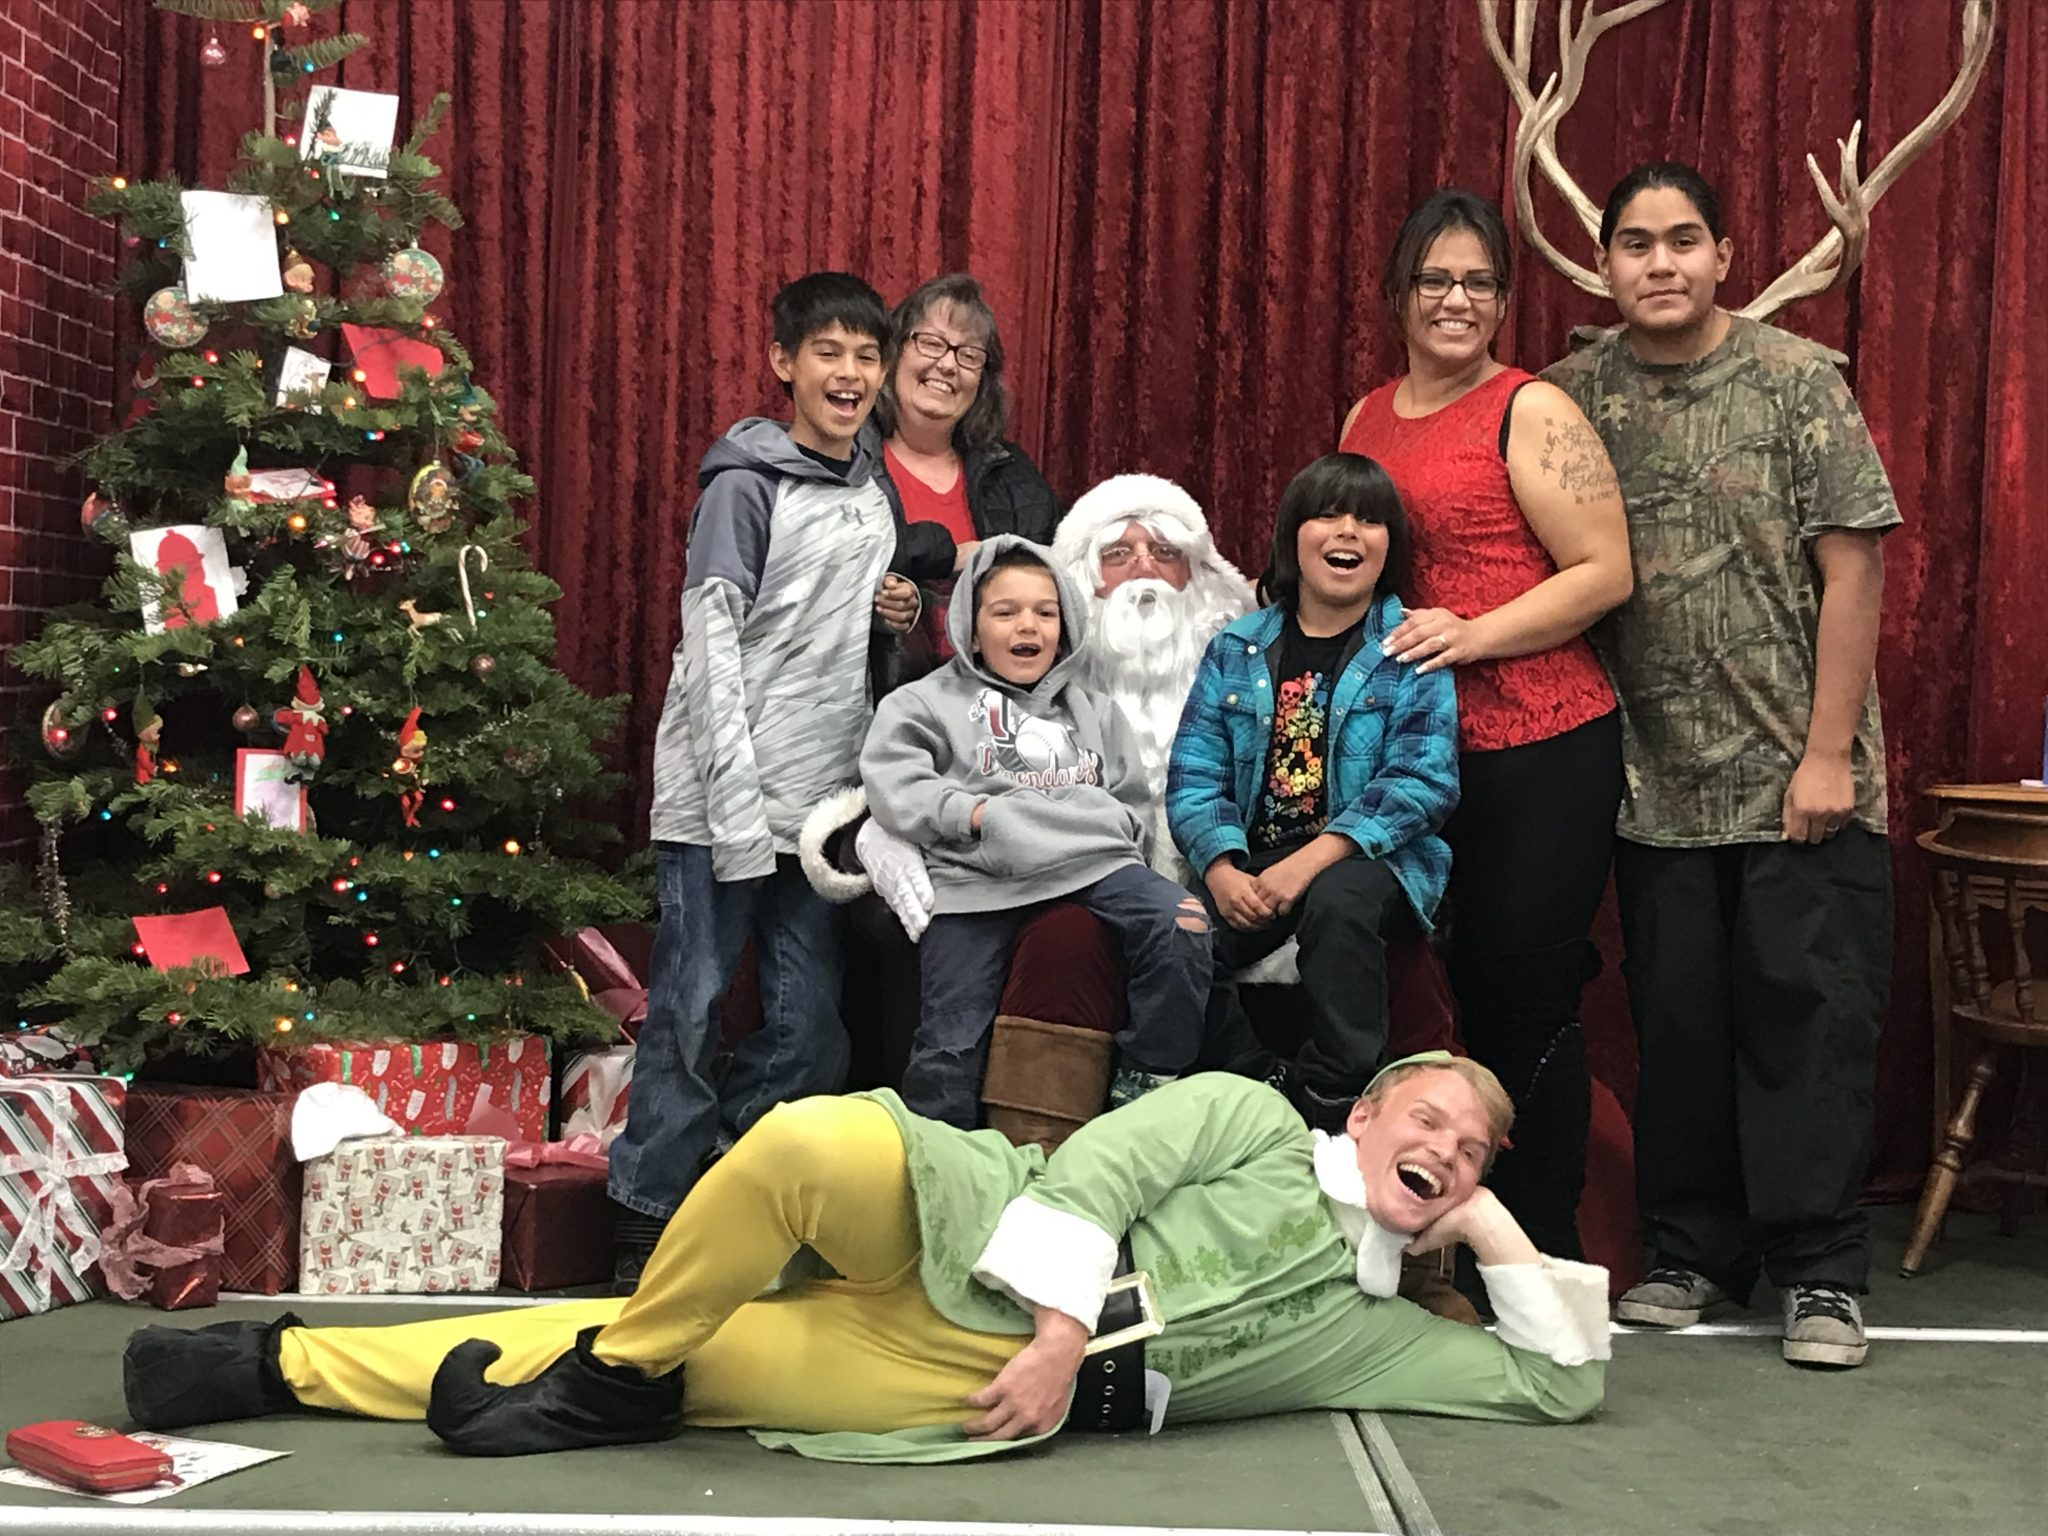 Cardinal Village Christmas Festival | Bishop Visitor Information Center